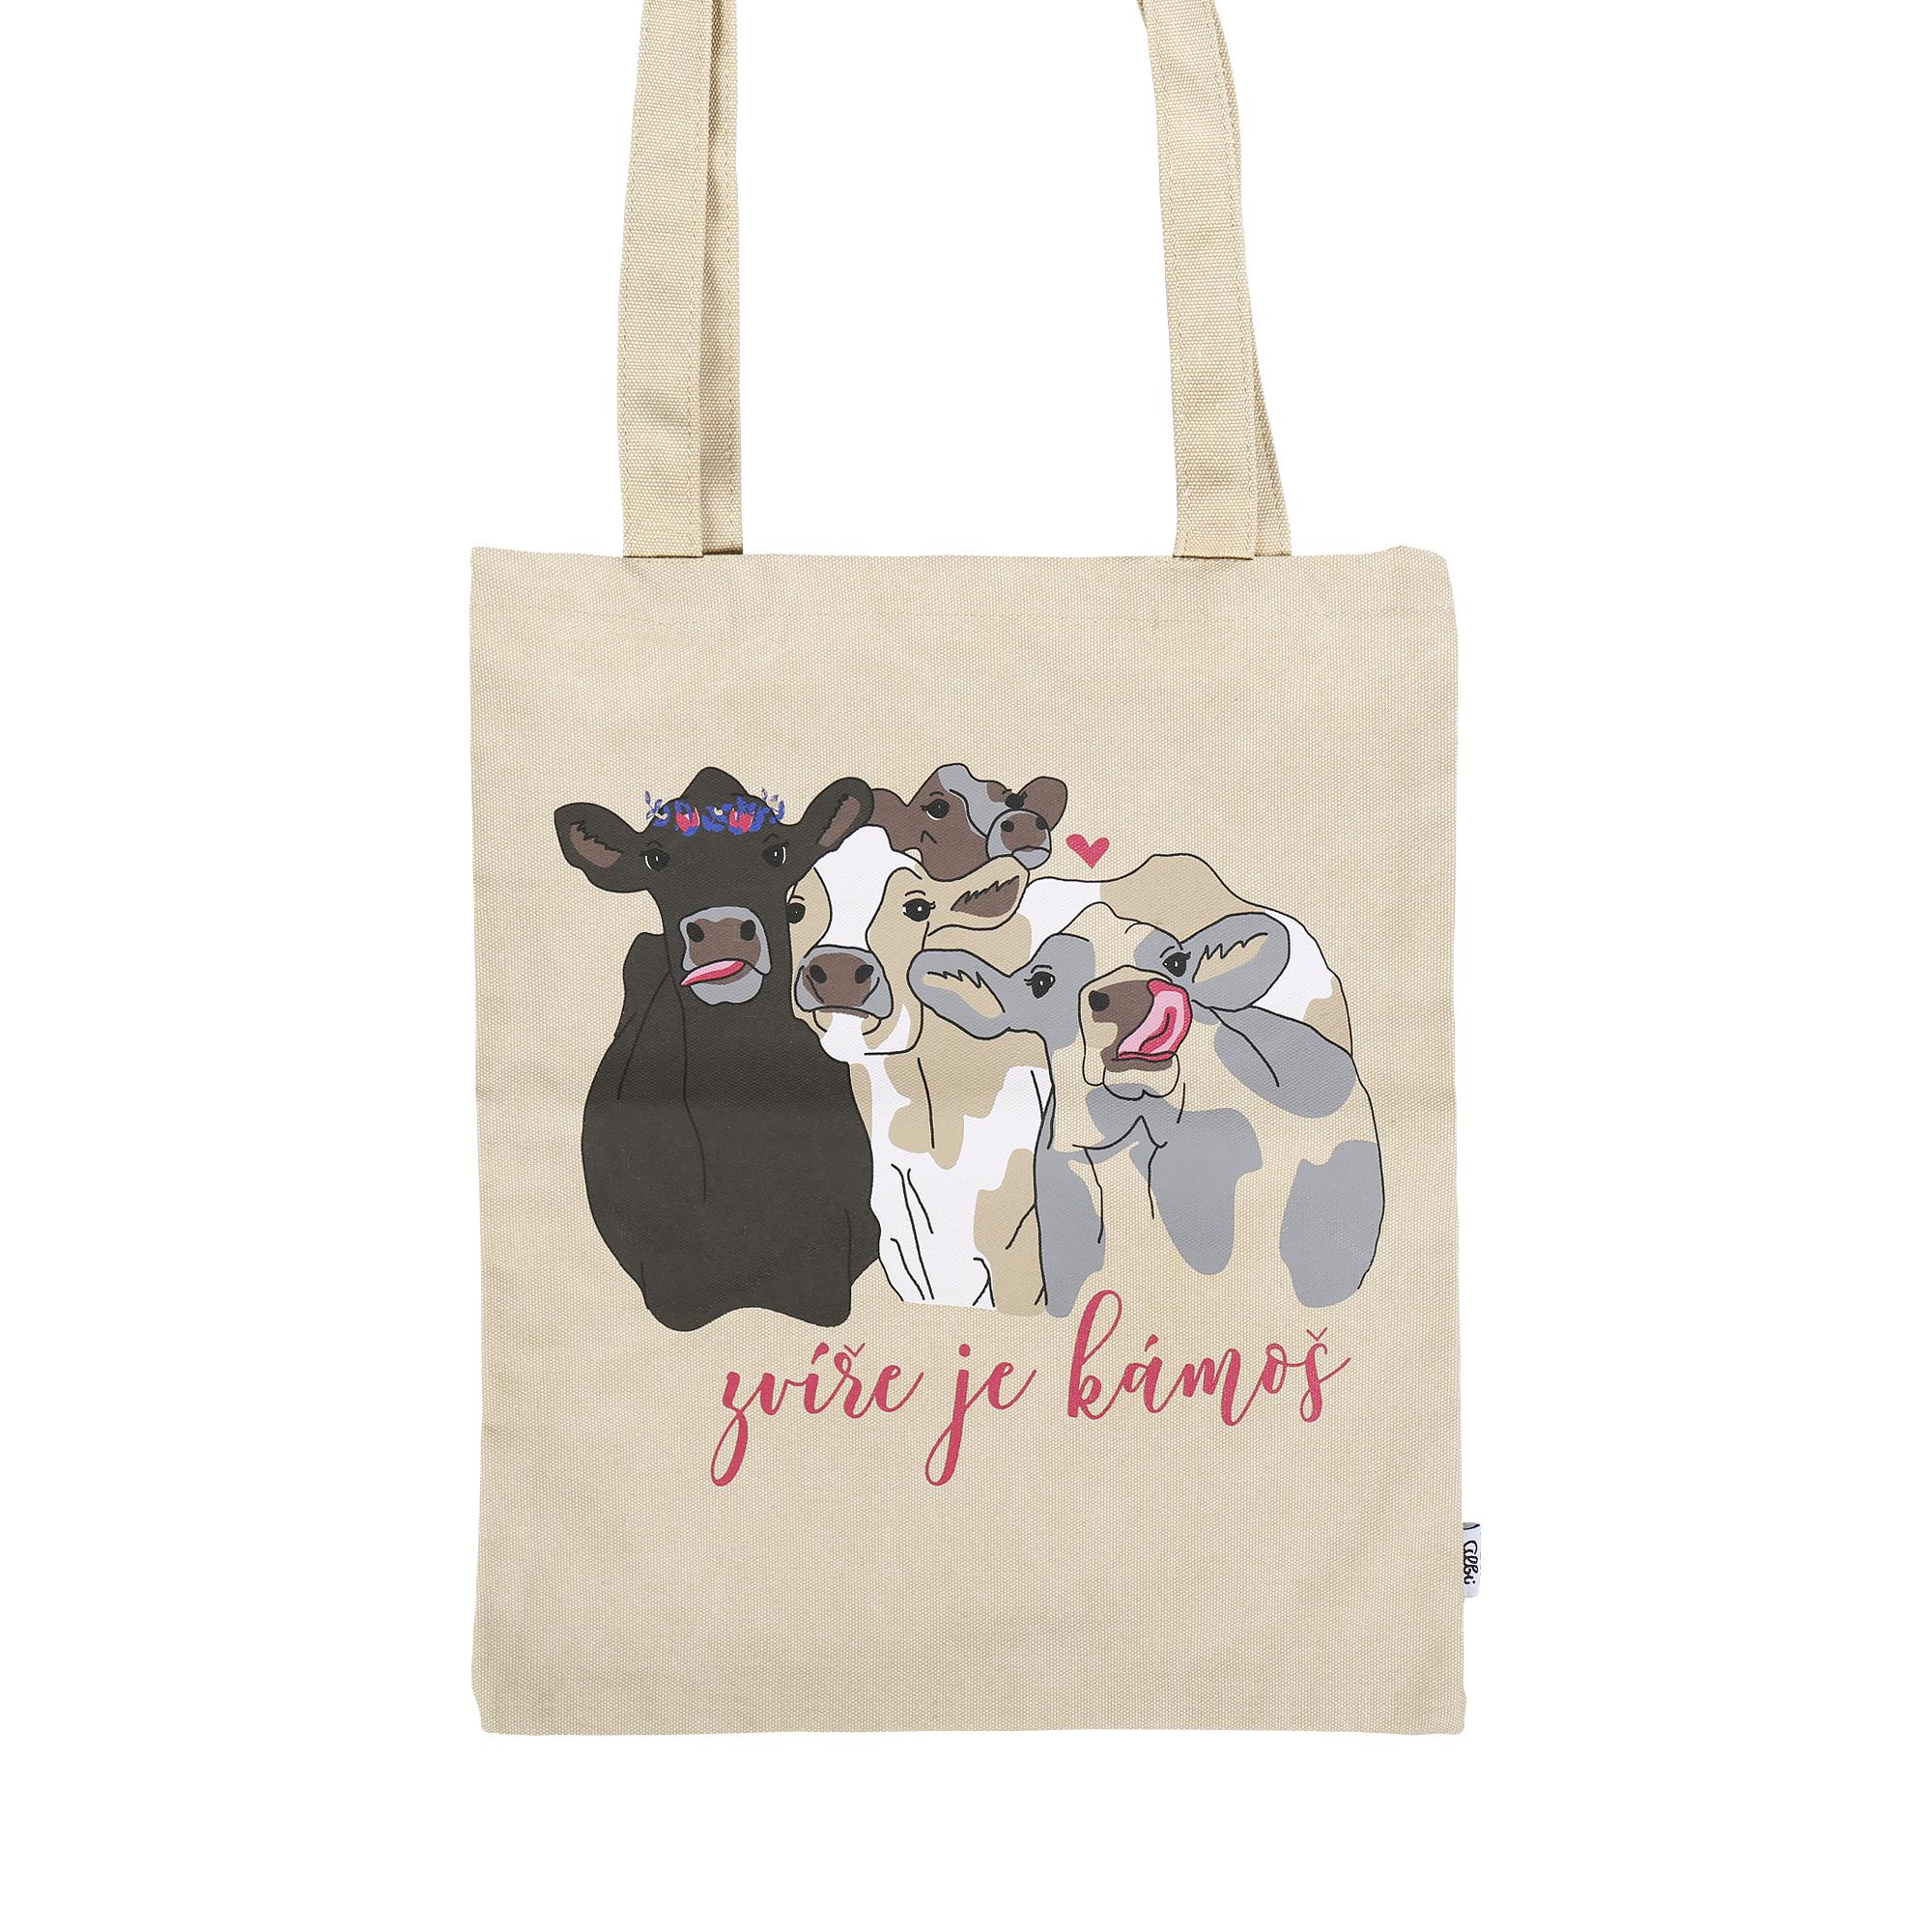 Plátěná taška - Zvíře je kámoš